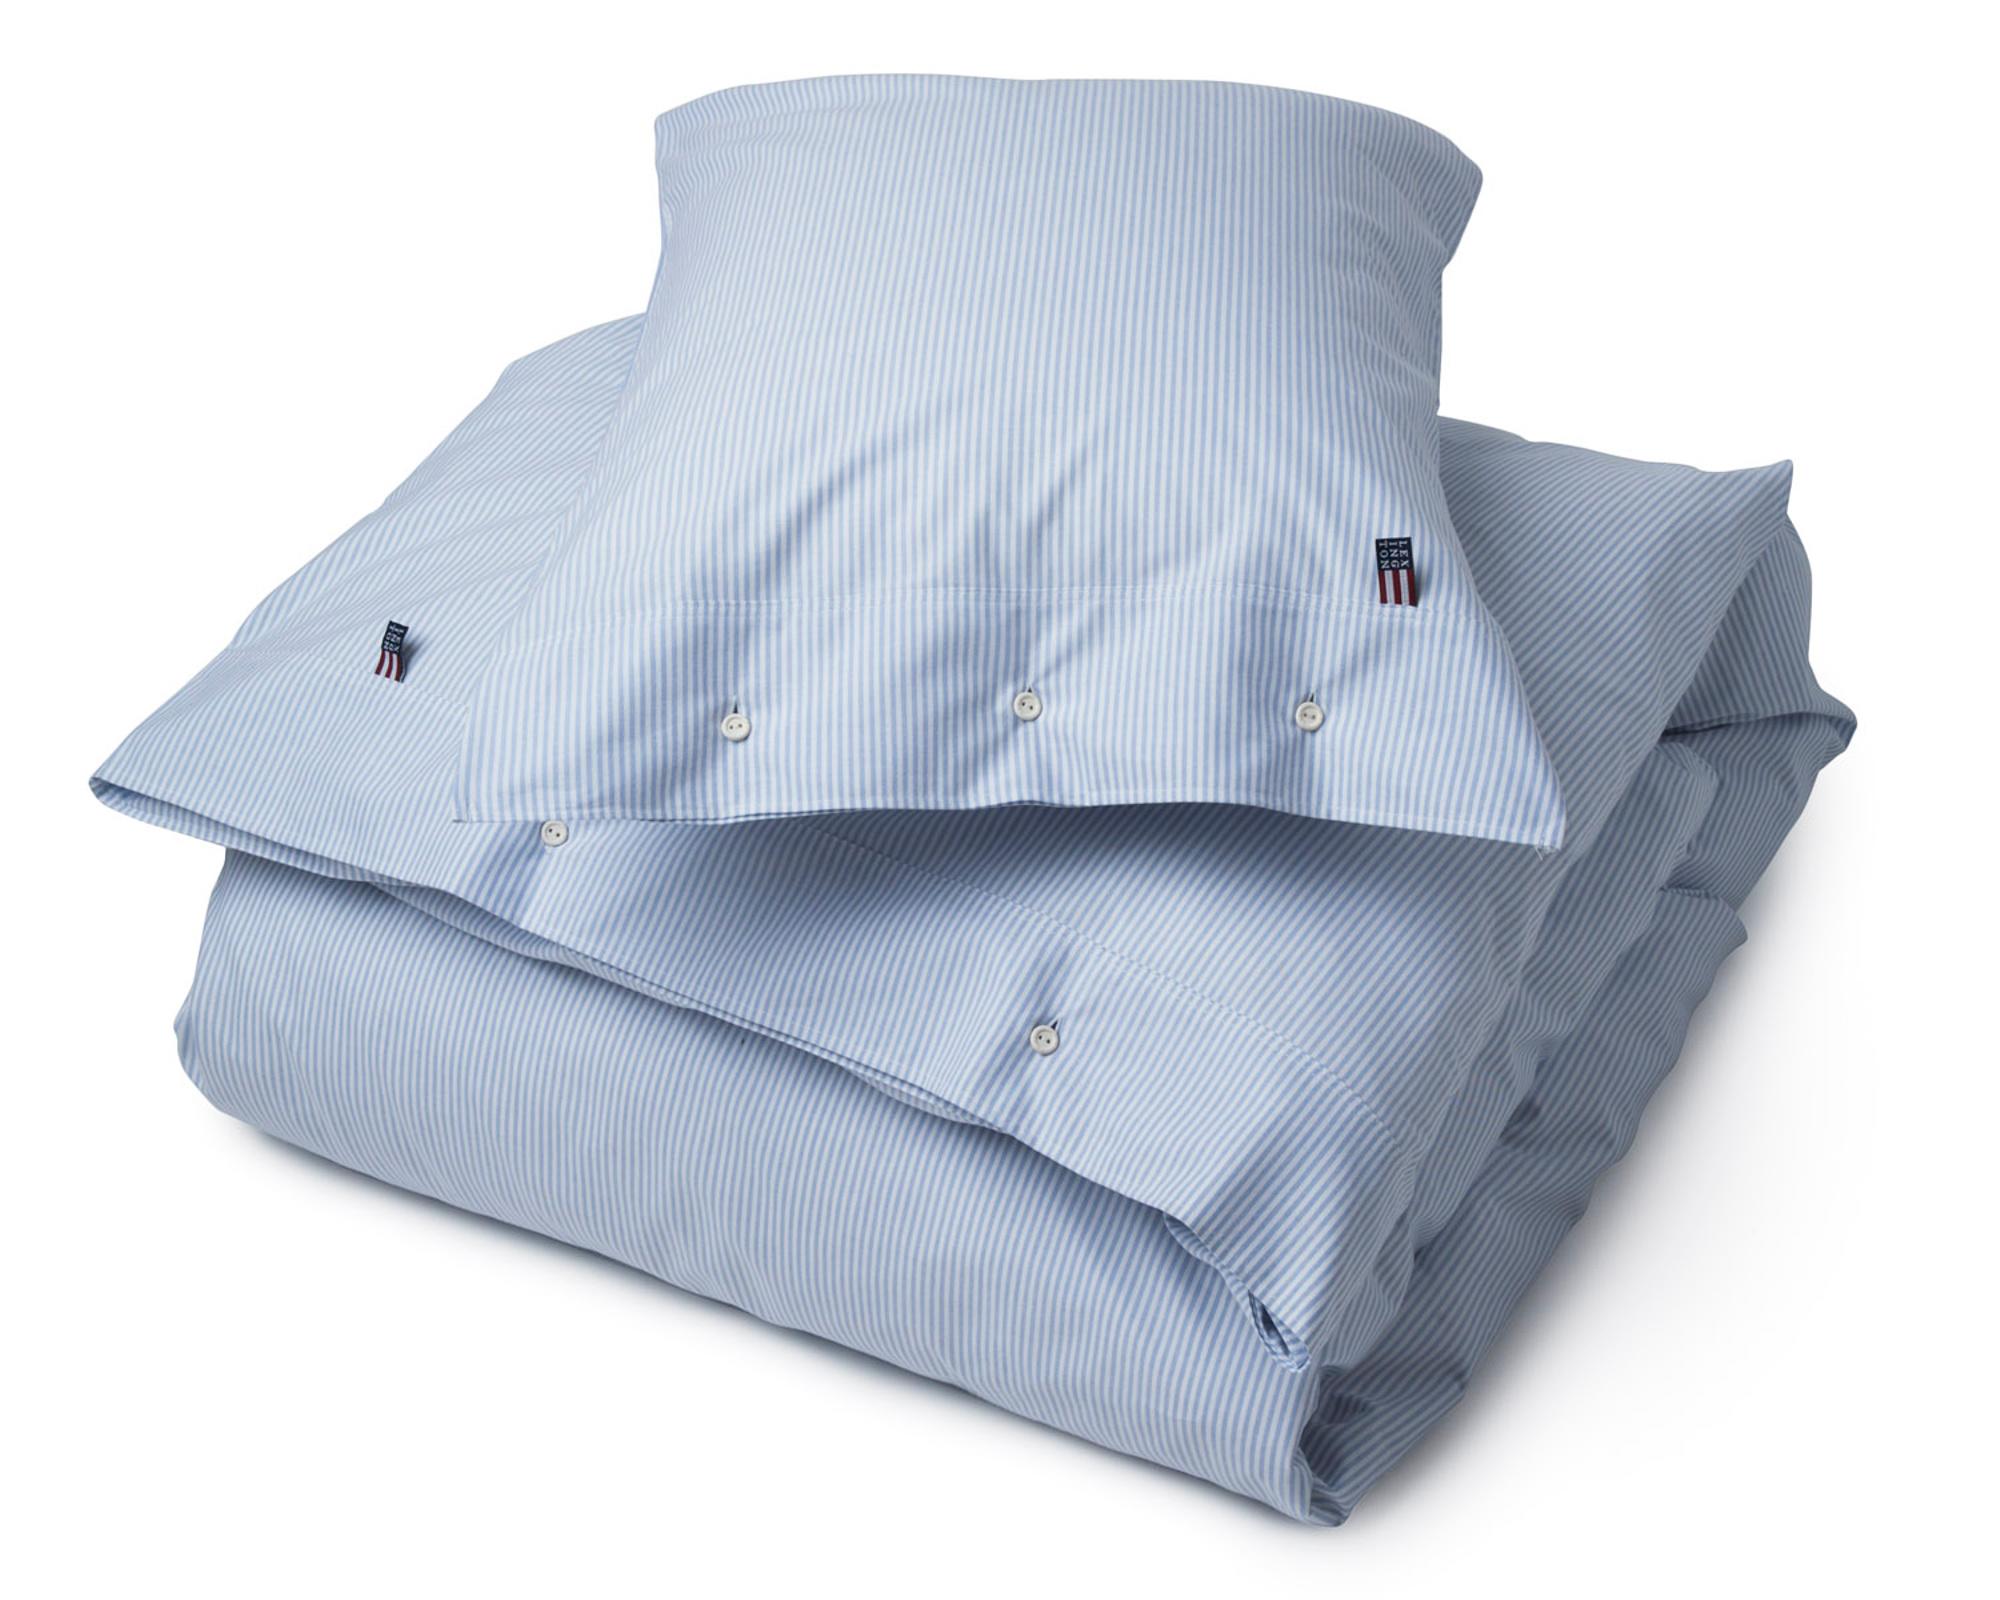 Pin Point Duvet, Blue/White